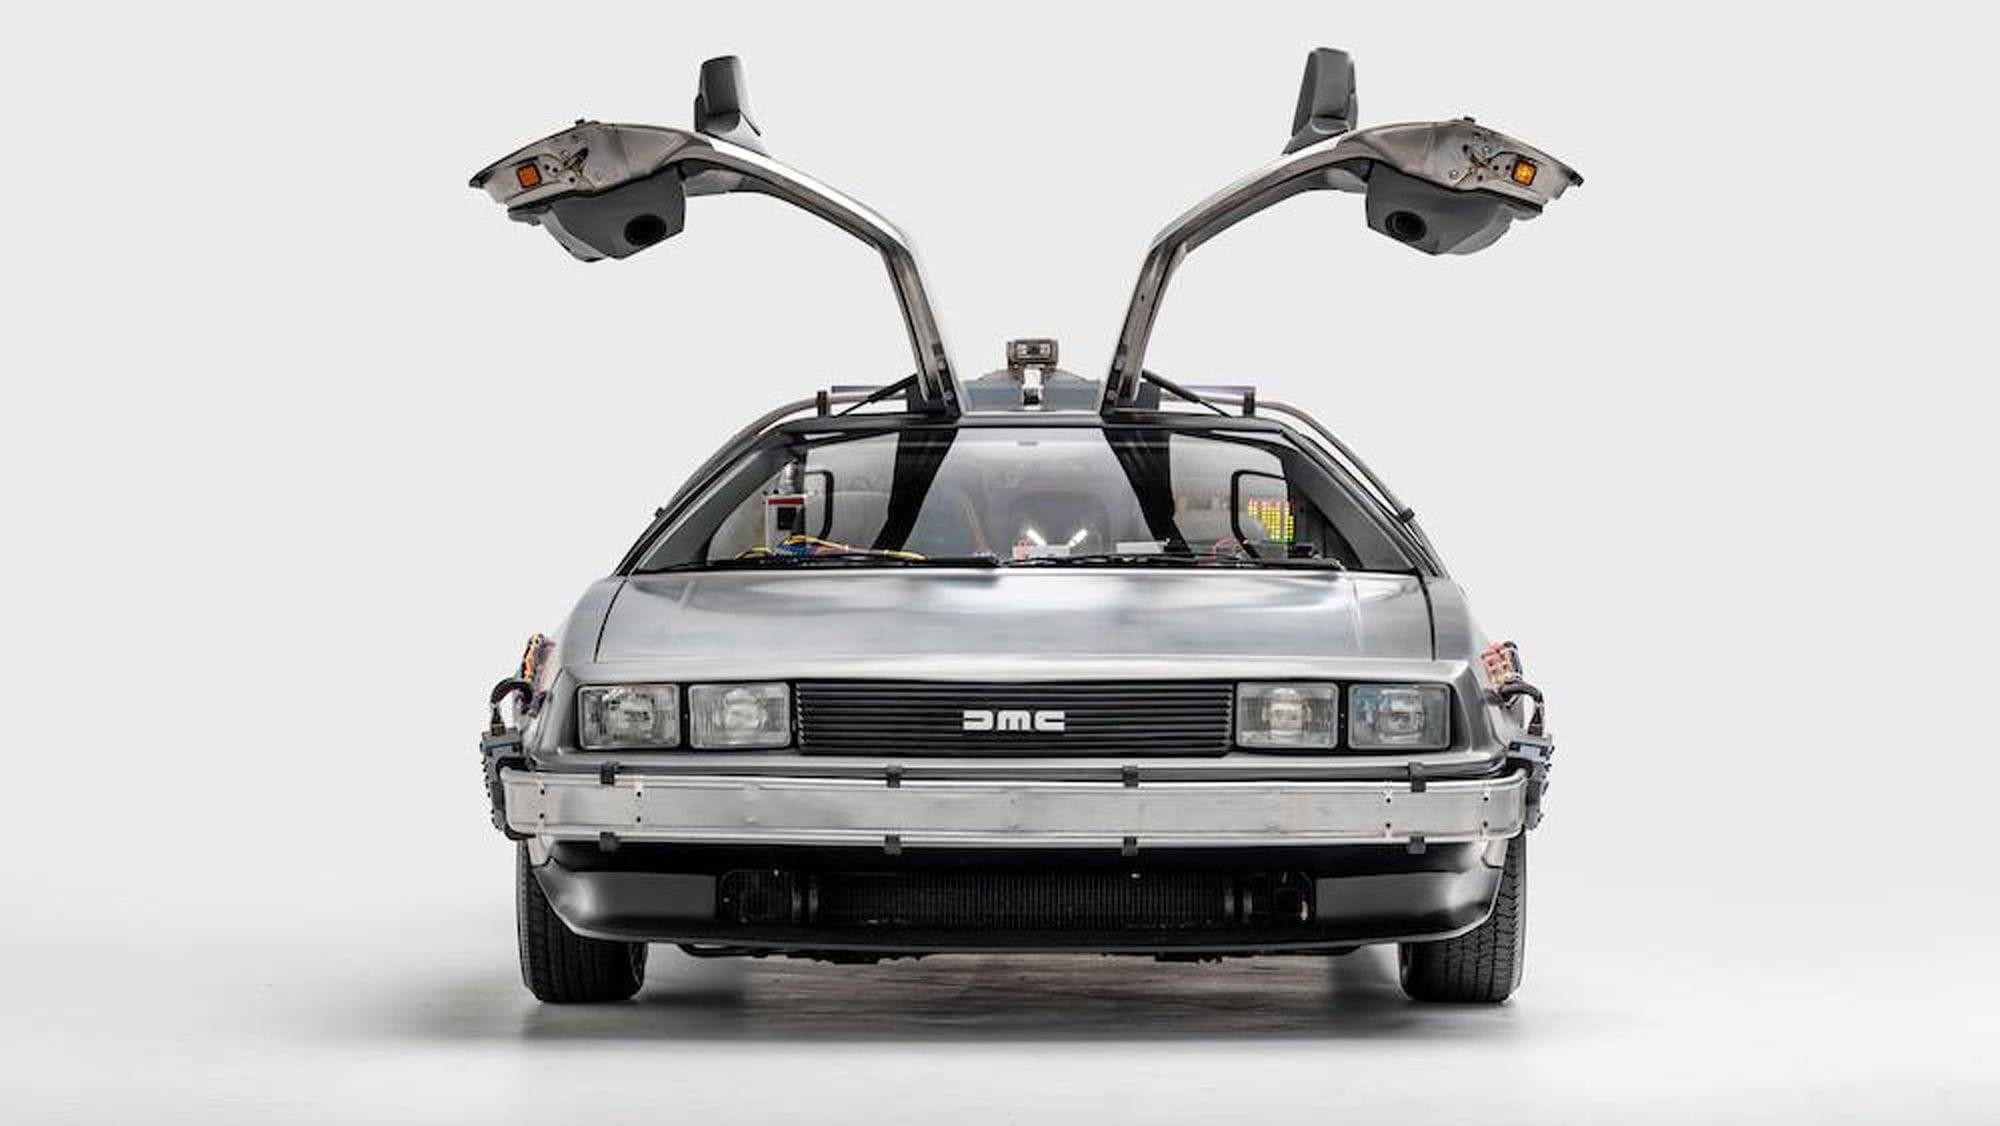 """Το θρυλικό αυτοκίνητο που ταξίδευε στον χρόνο στο """"Back to the future"""""""